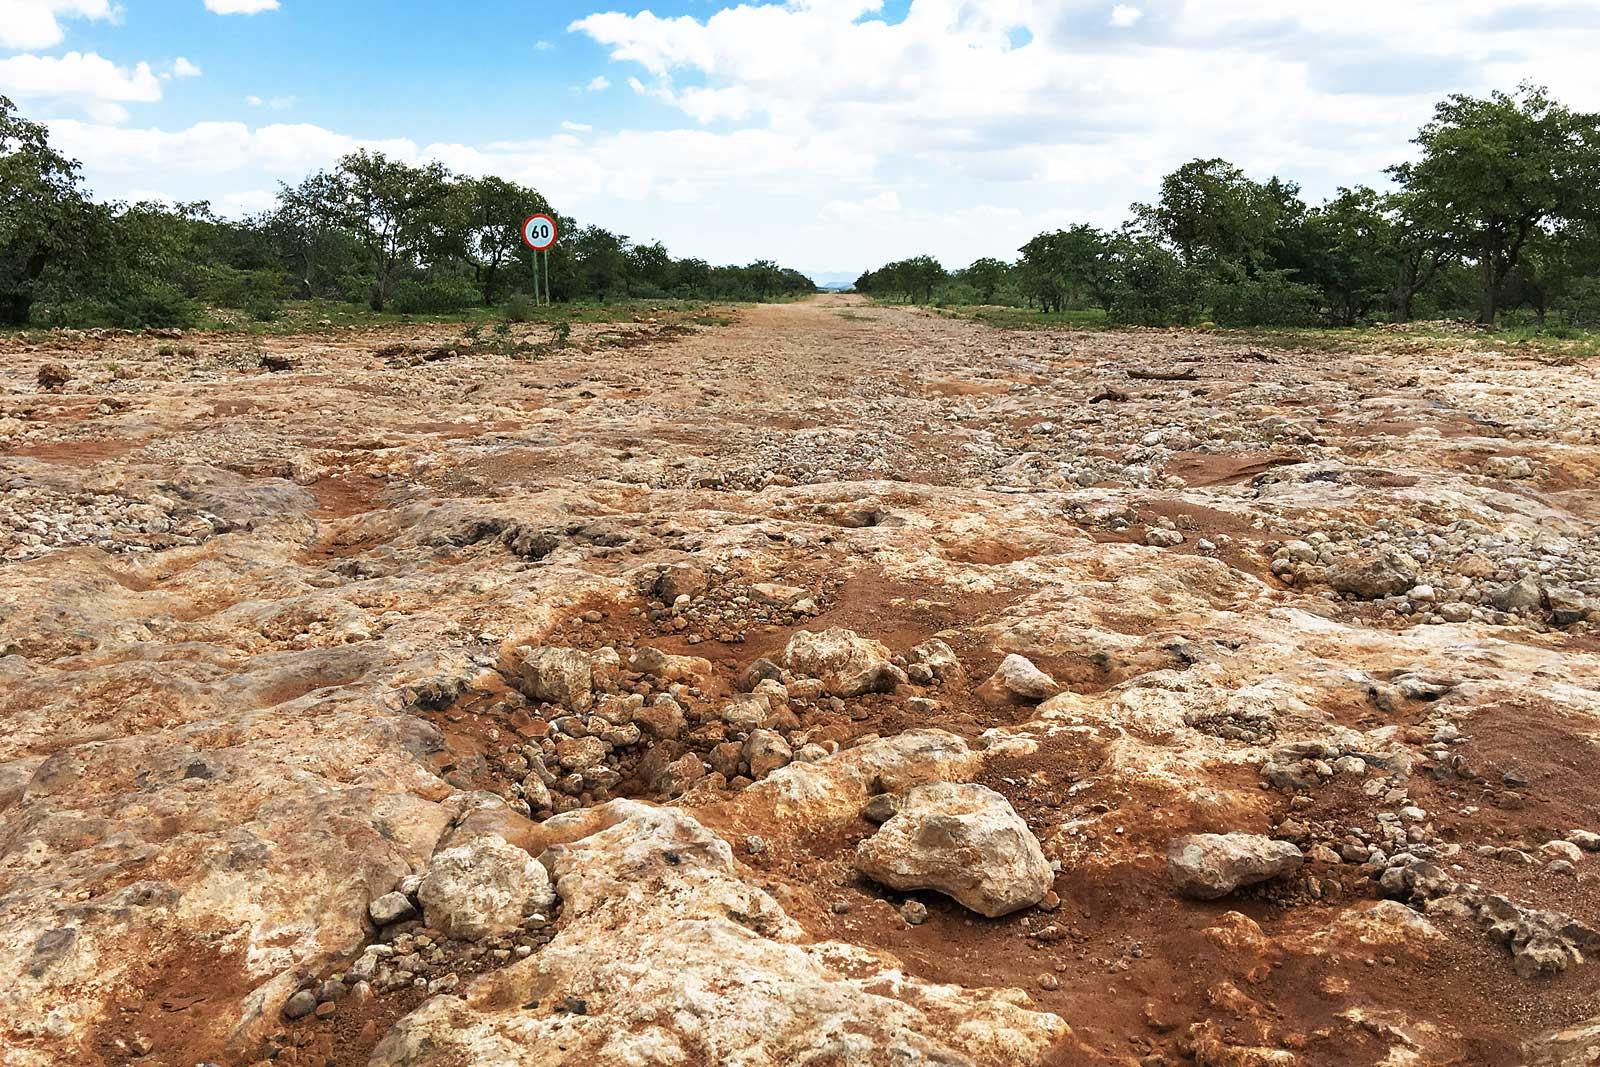 Raue Straßenverhältnisse in Namibia